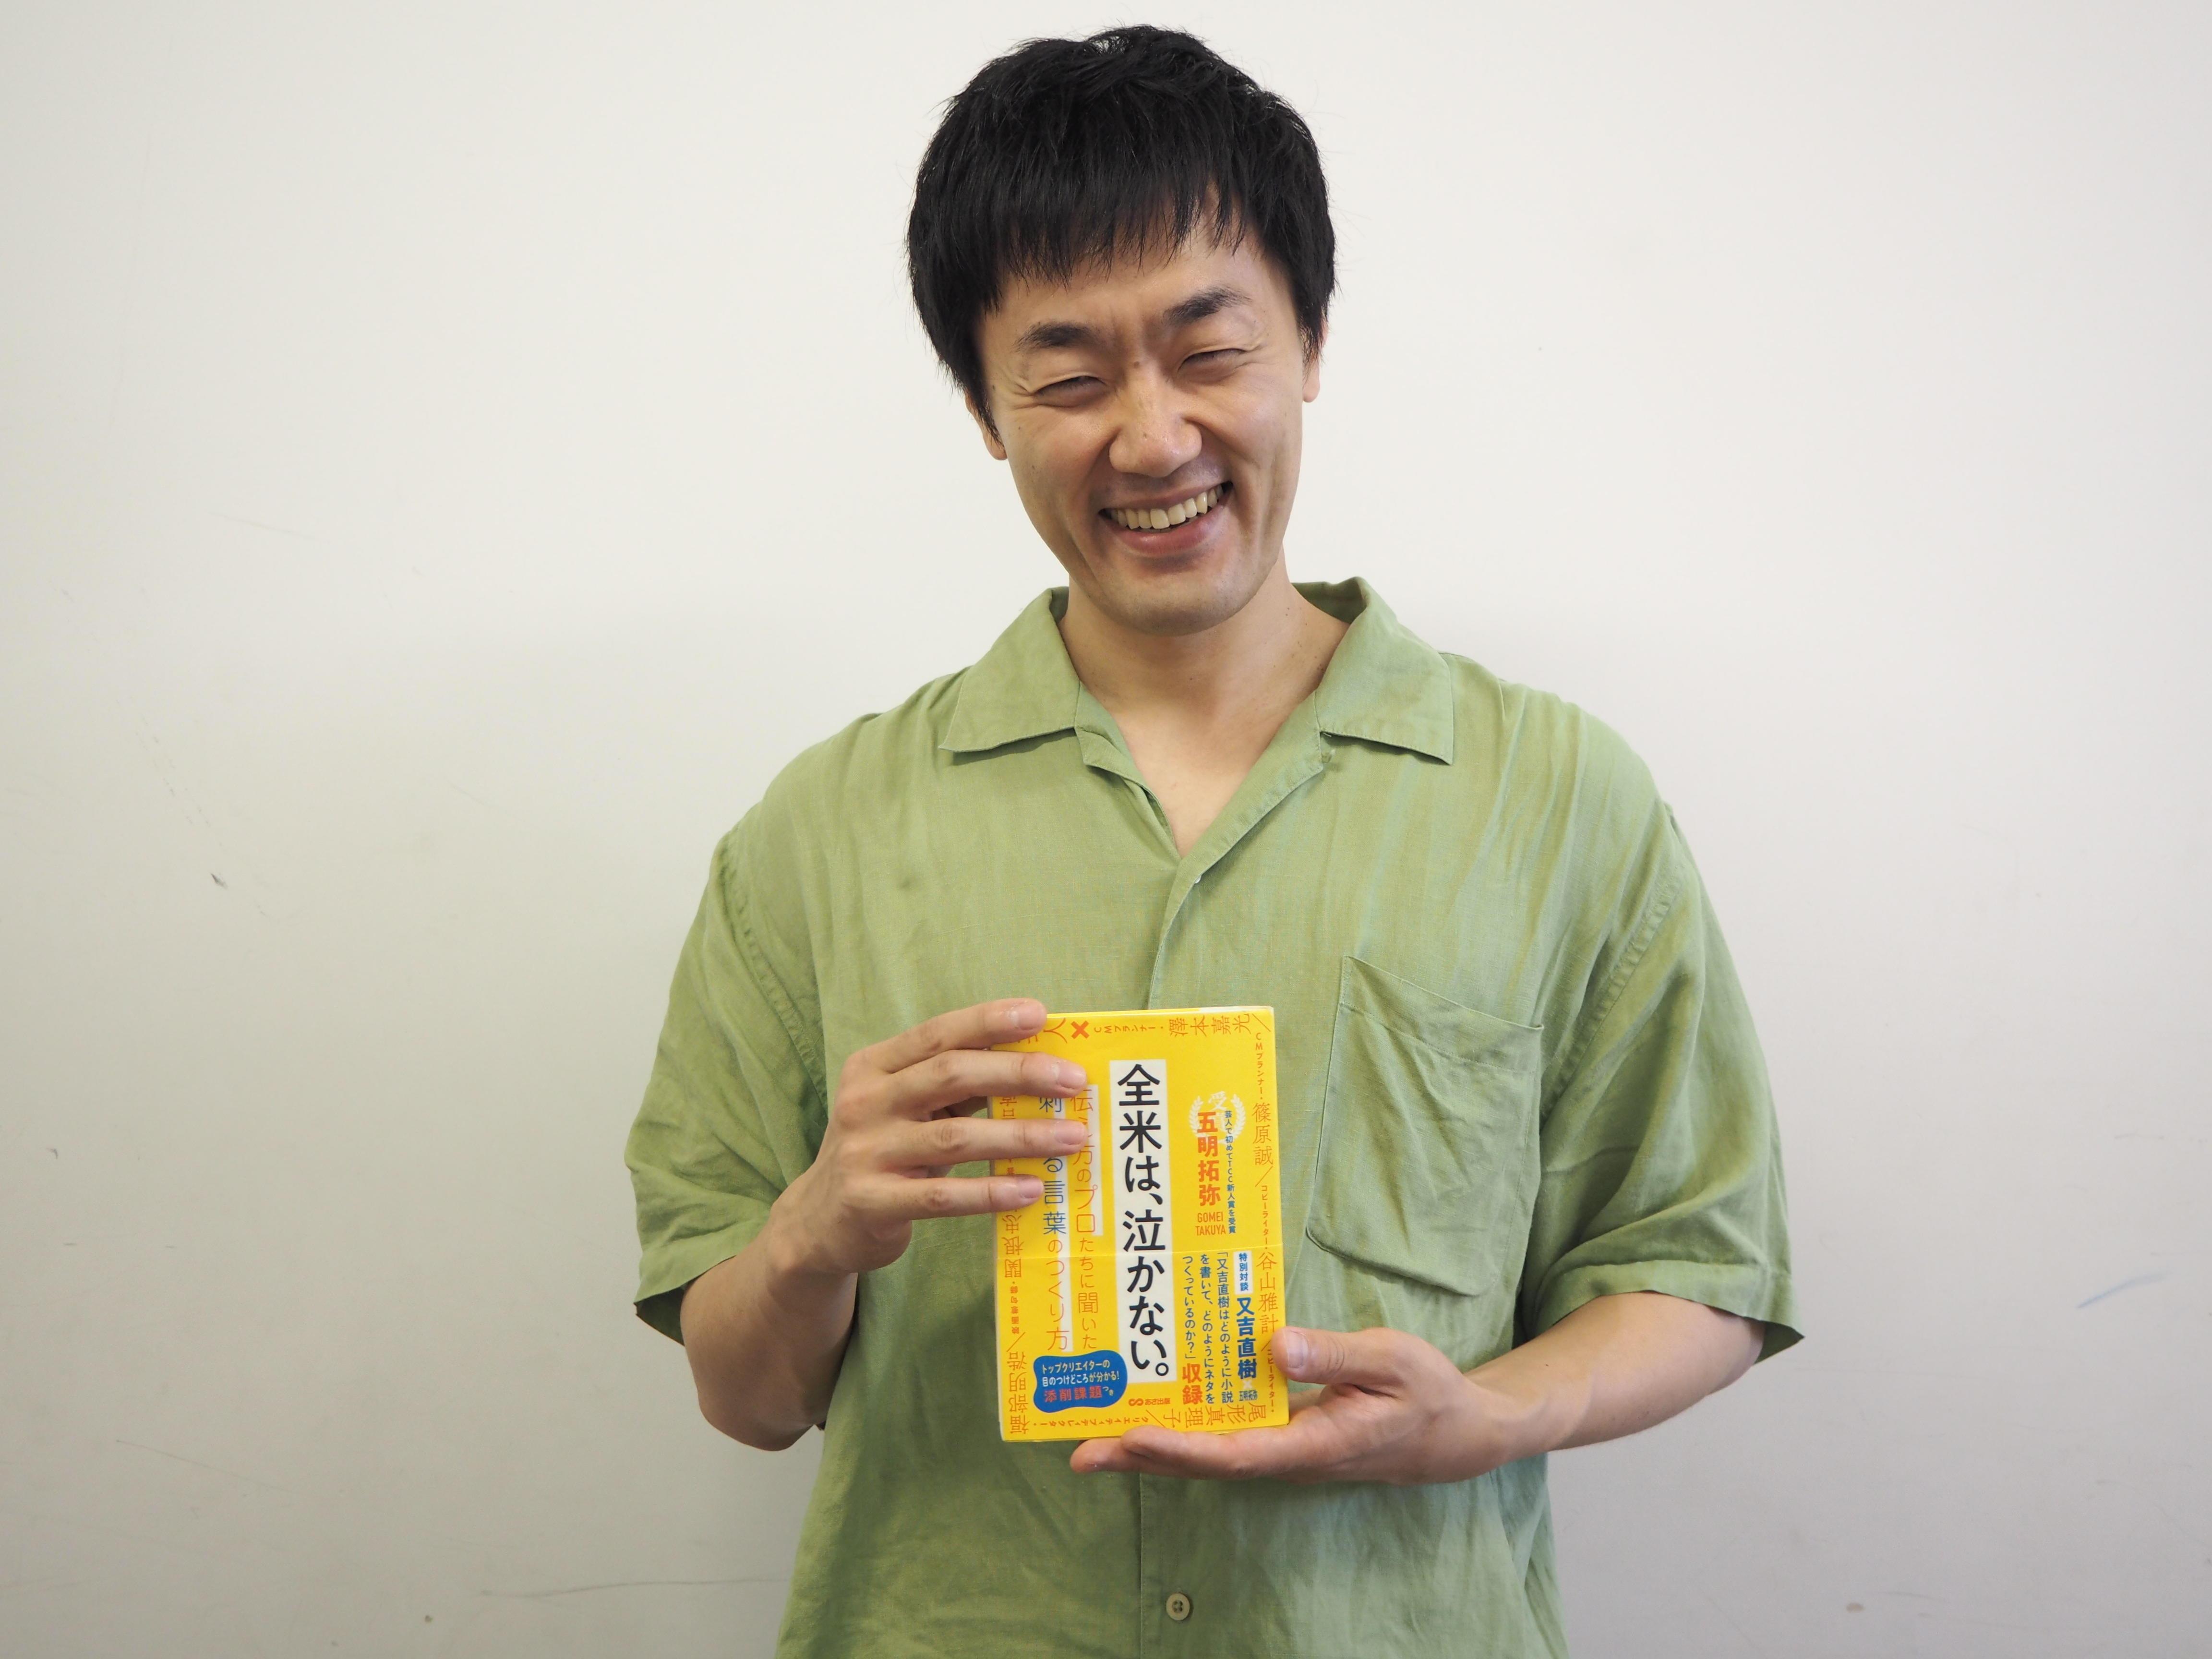 http://news.yoshimoto.co.jp/20180809164111-e96bc801fc61255826449b77e032c140d52a0ddd.jpg